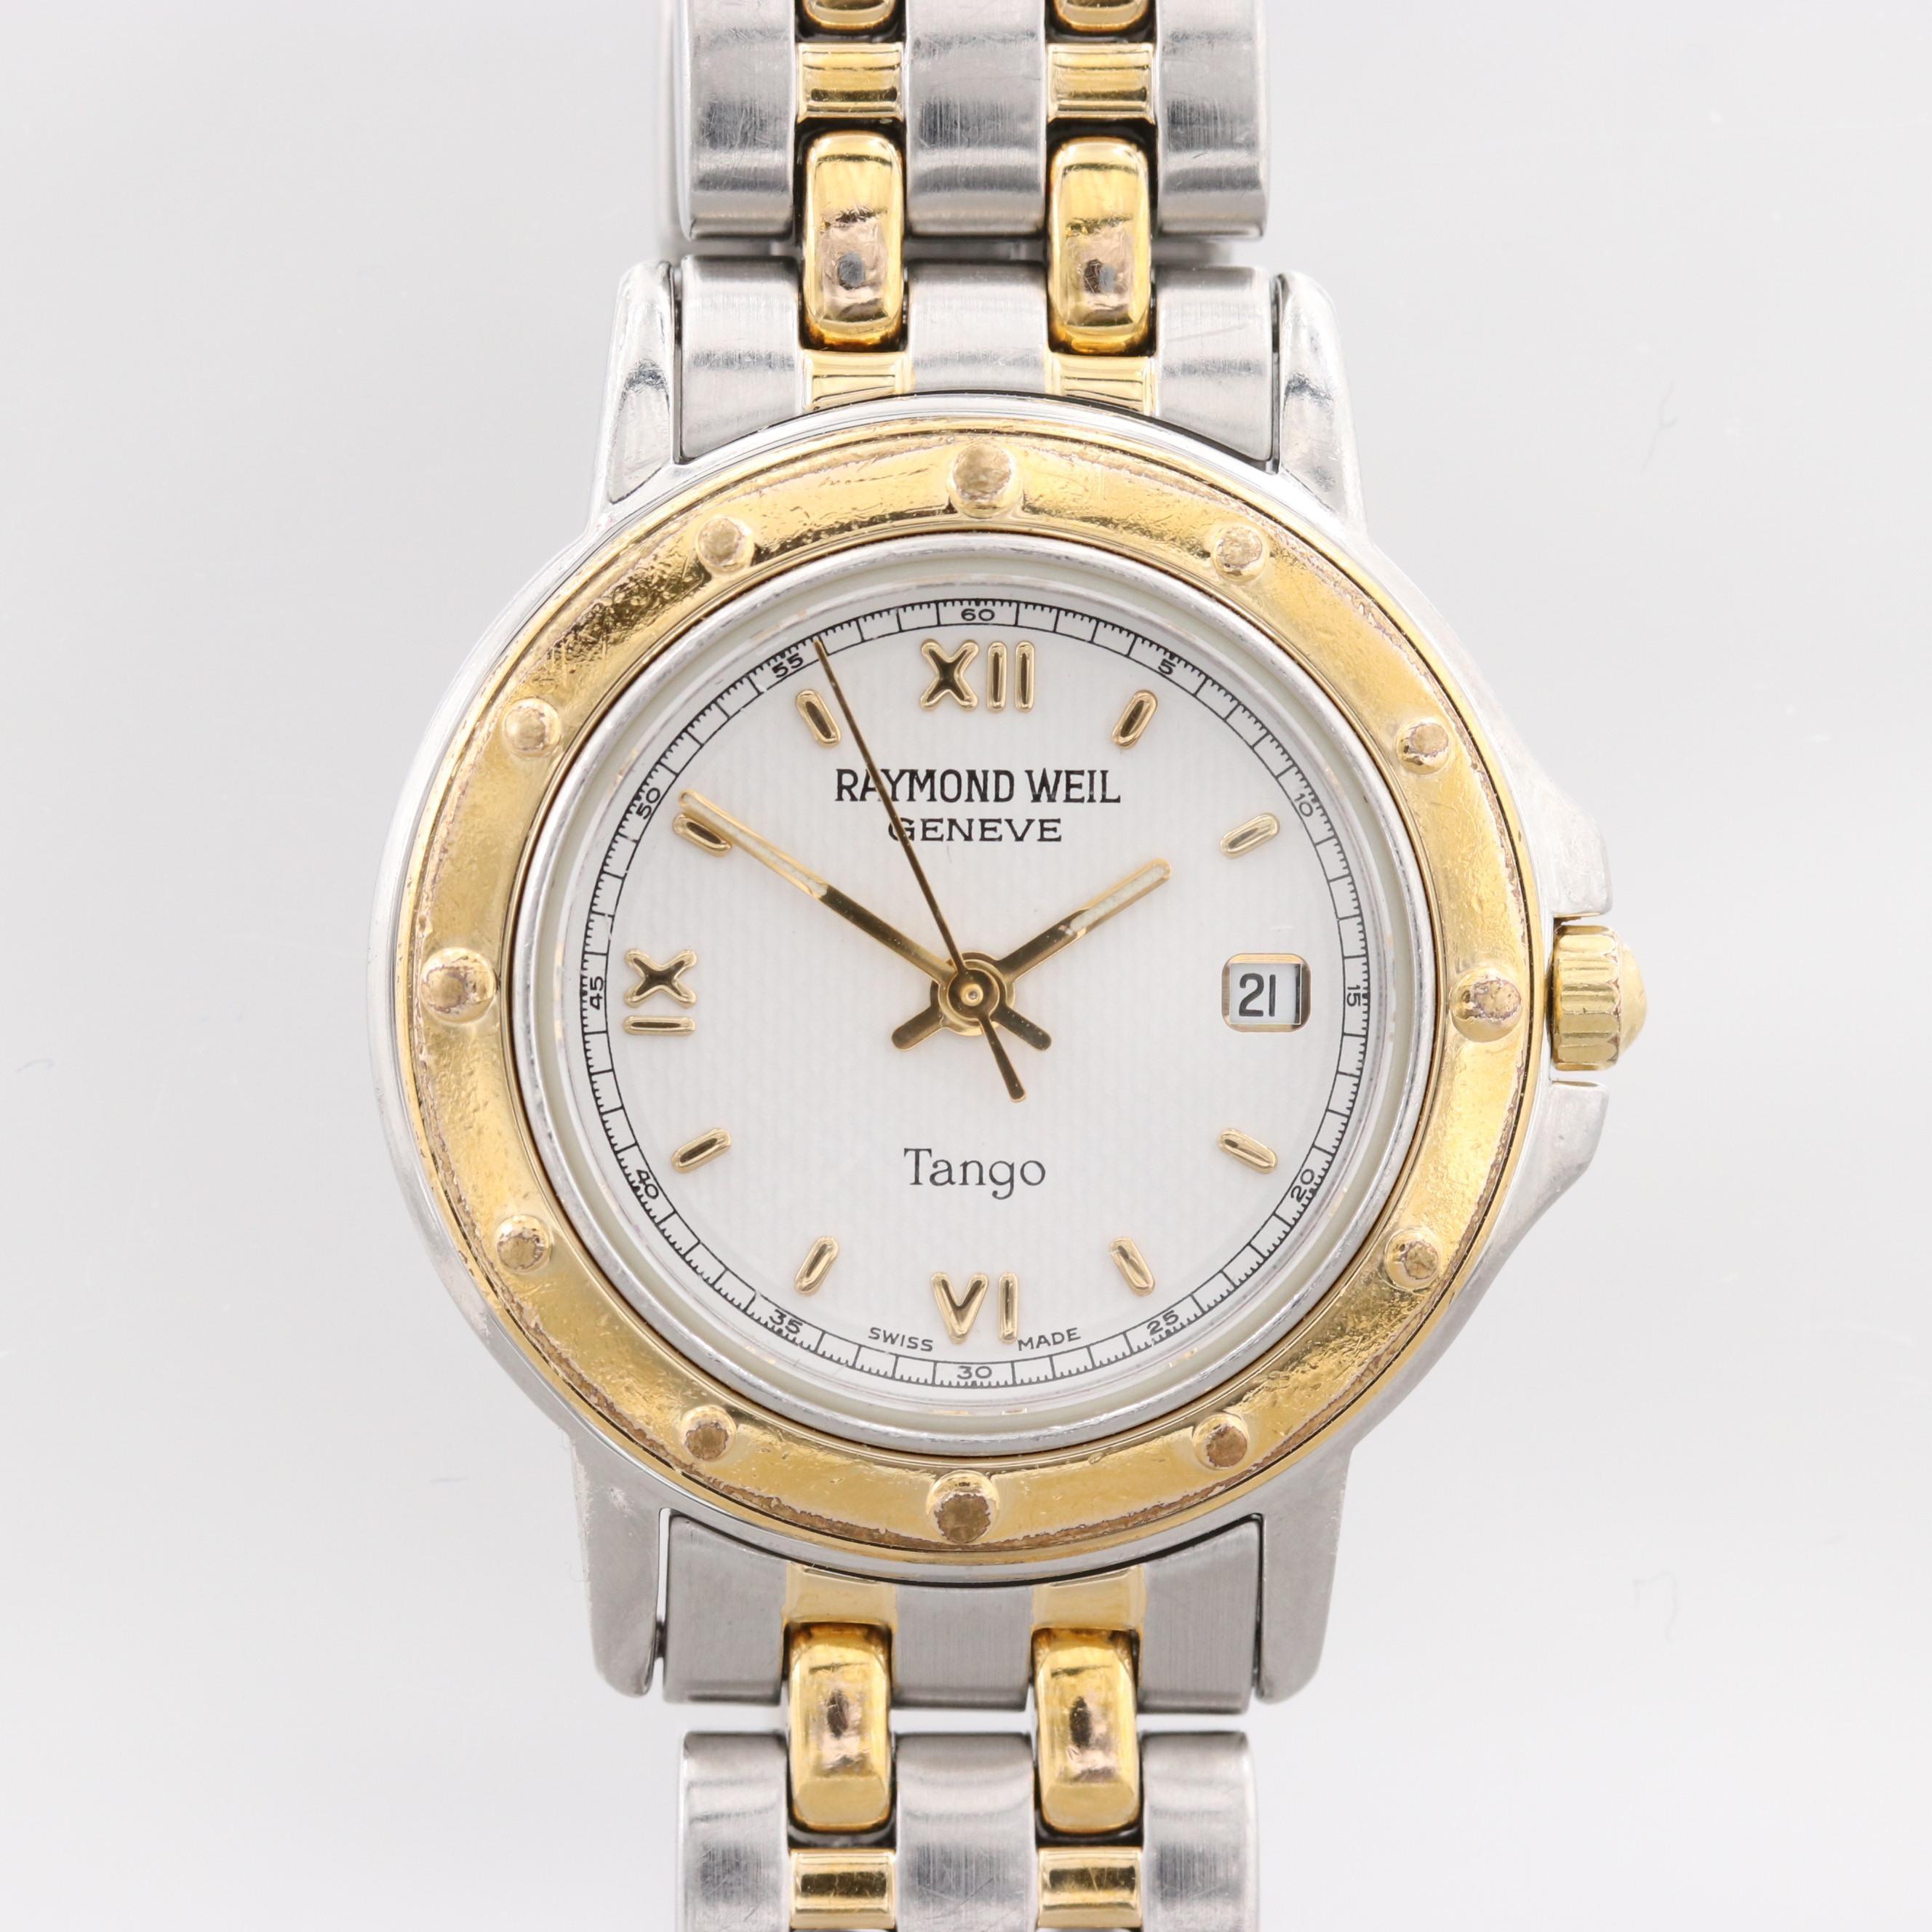 Raymond Weil Tango Two Tone Stainless Steel Quartz Wristwatch